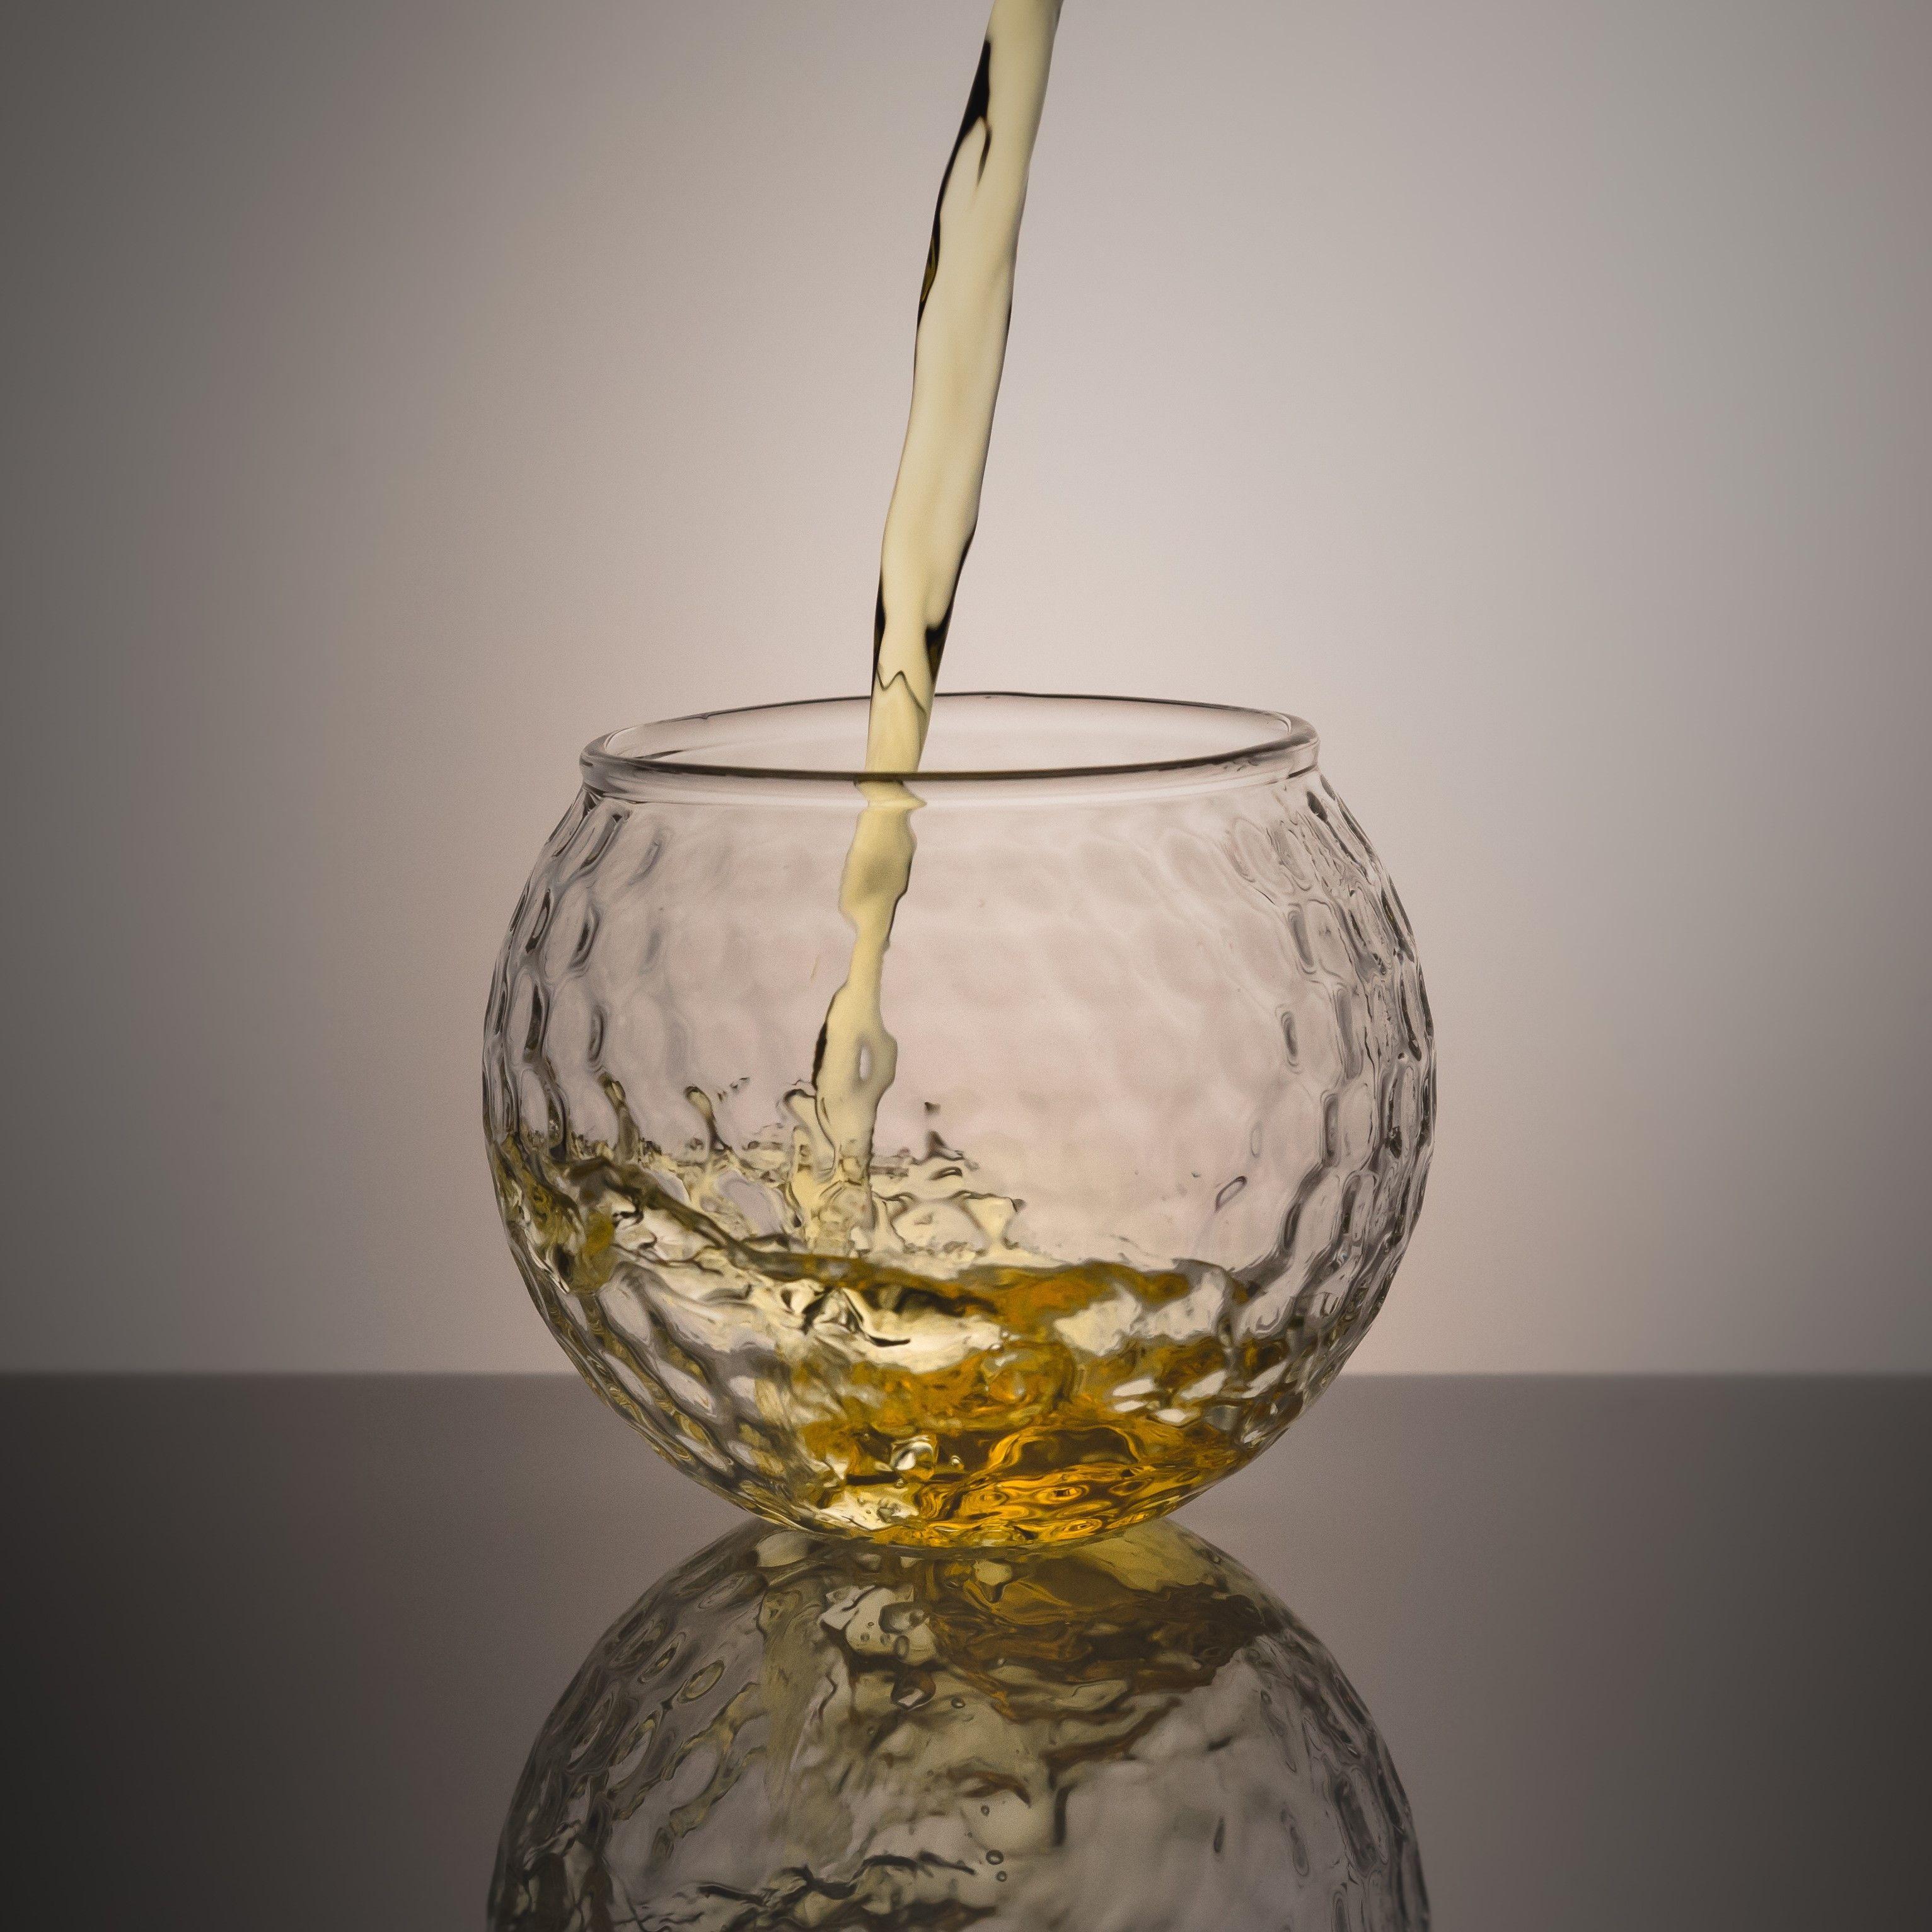 Golf Ball Shaped Whiskey Glasses for Golf Gift